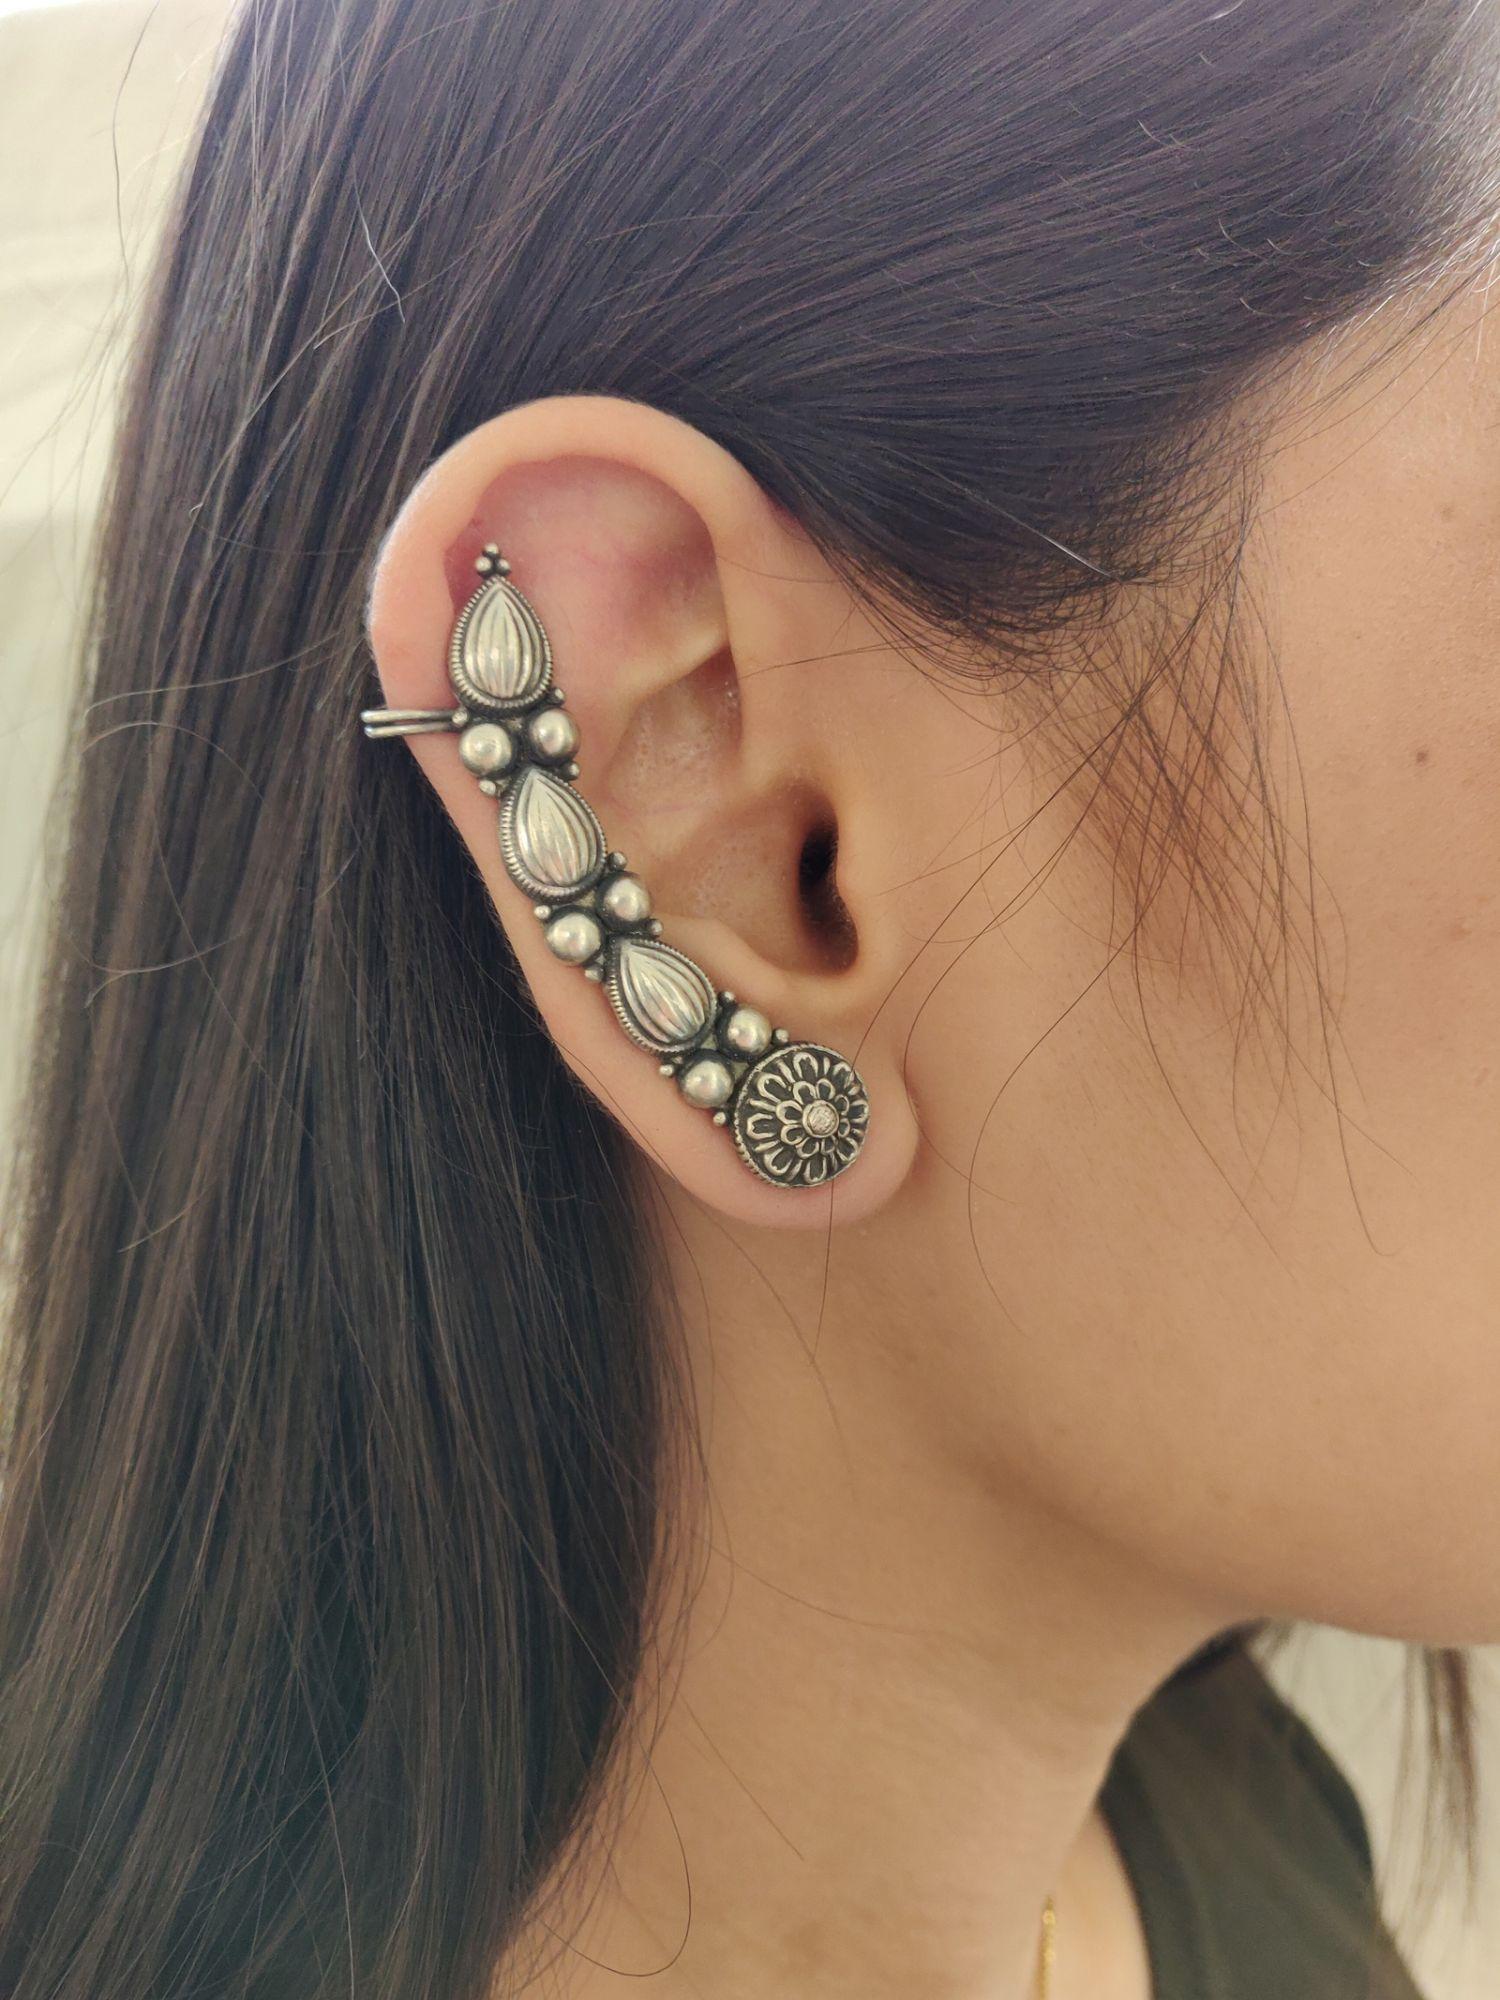 Silver Paisley Ear cuffs